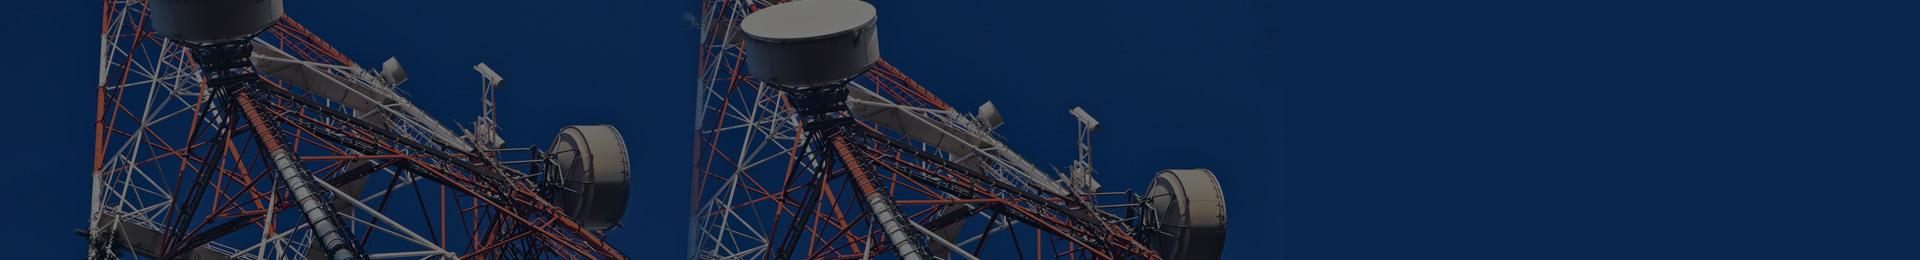 Telecom & CATV Services